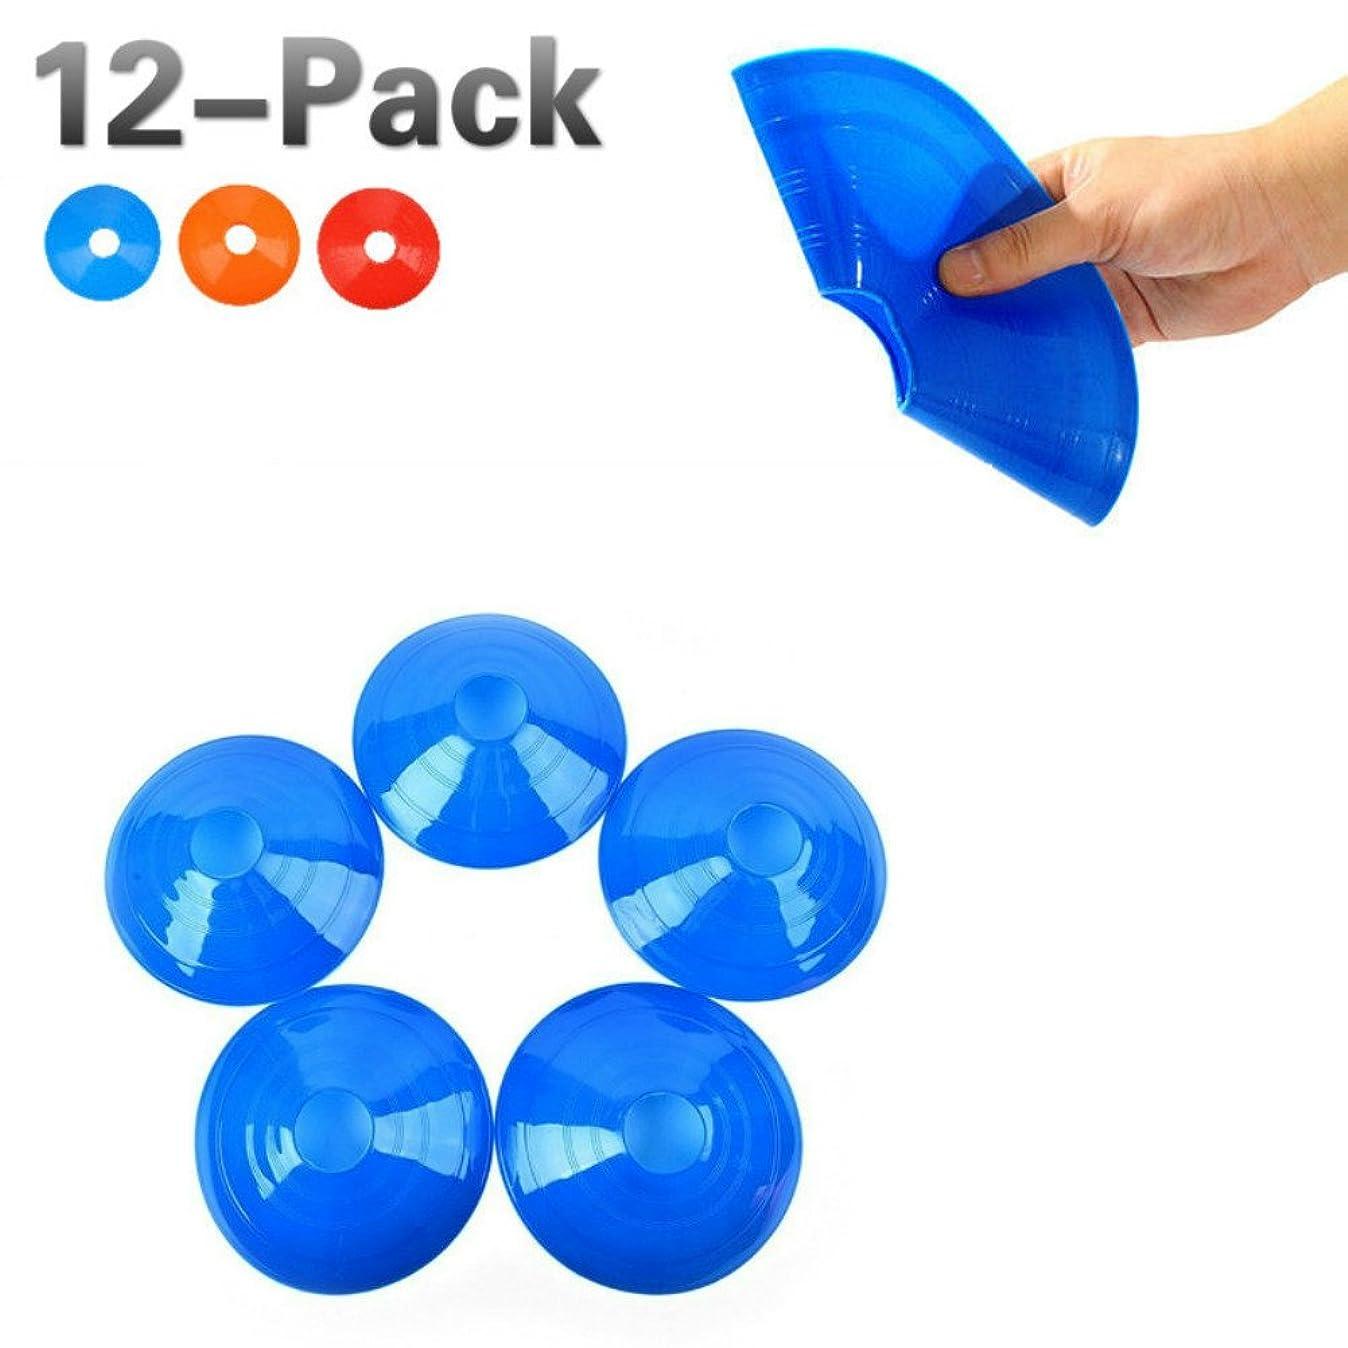 インサートトロピカル拍車enshey Disc Cones?–?スポーツサッカーセット12パックAgility Disc Cones Perfect forサッカー、フットボール、バスケットボール、Footwork、Kids